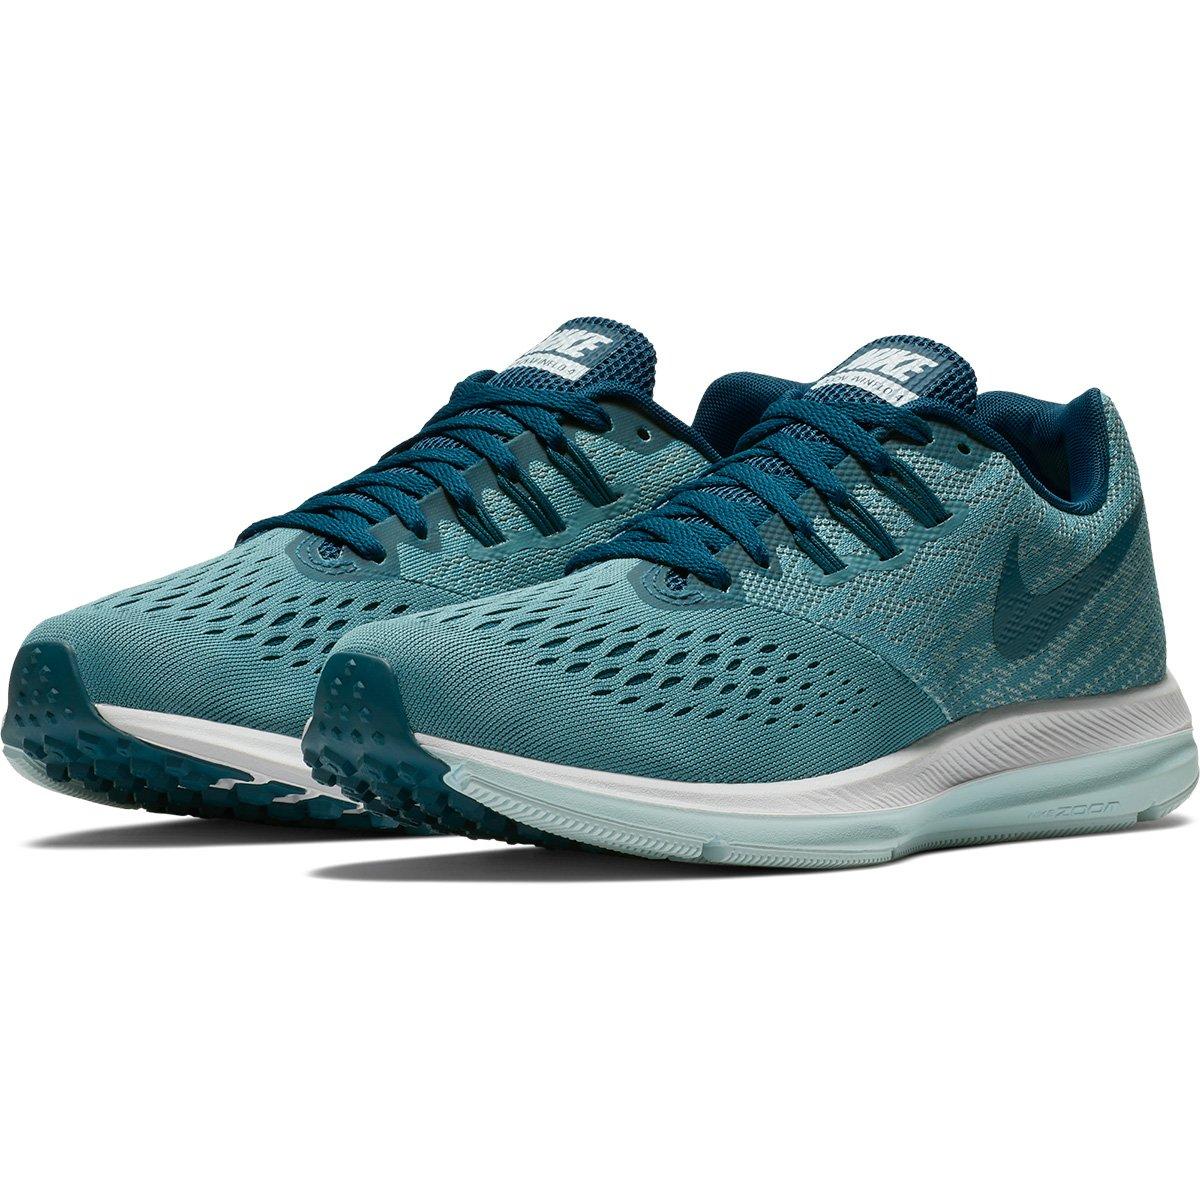 Tênis Nike Zoom Winflo 4 Feminino - Azul e Verde Água - Compre Agora ... 91fb391df7f72